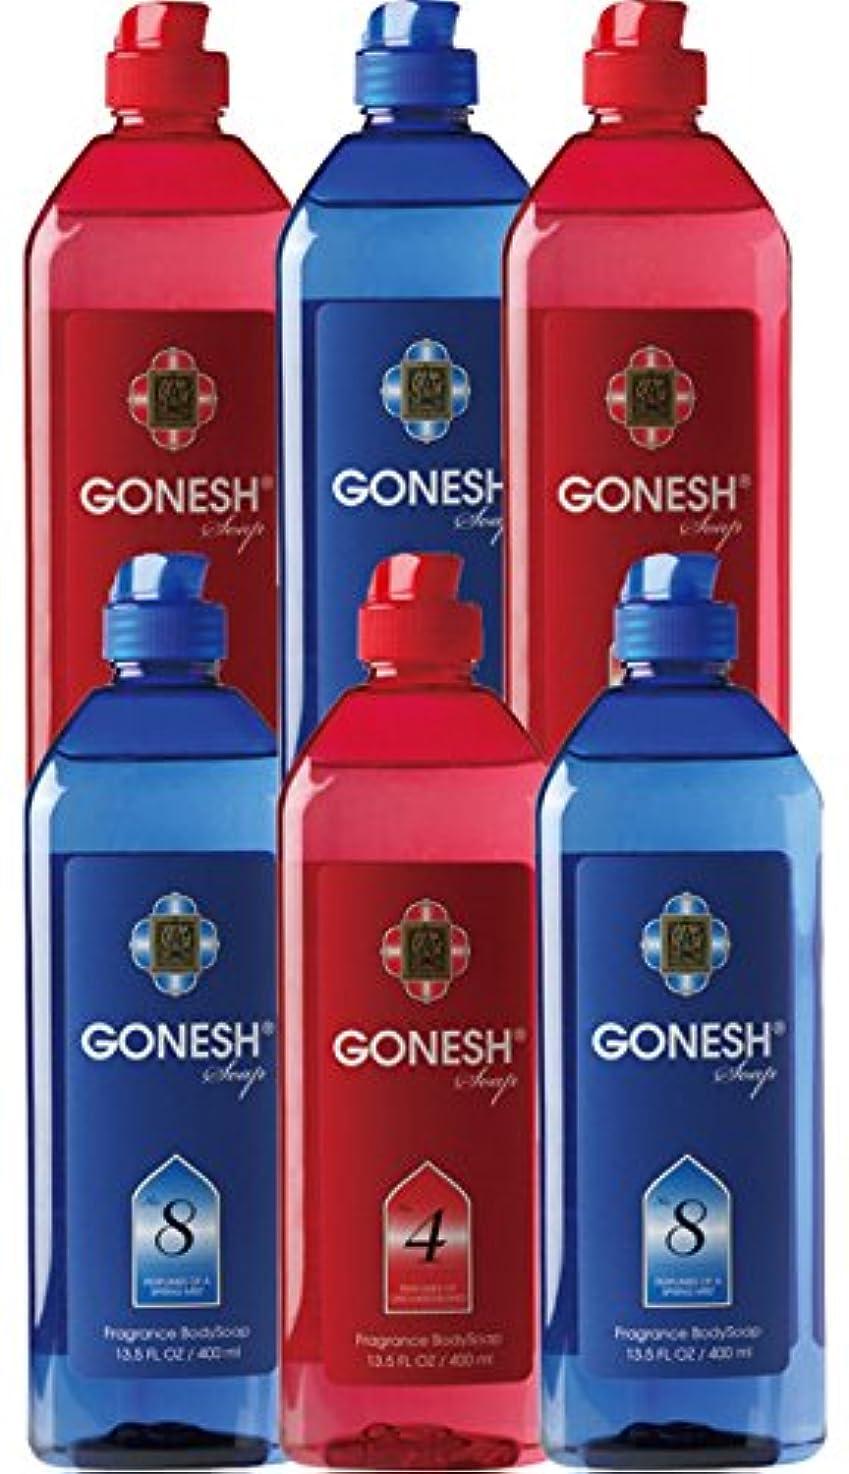 普及肯定的七面鳥GONESH Body Soap 400ml NO.4 + NO.8 X 各3本セット